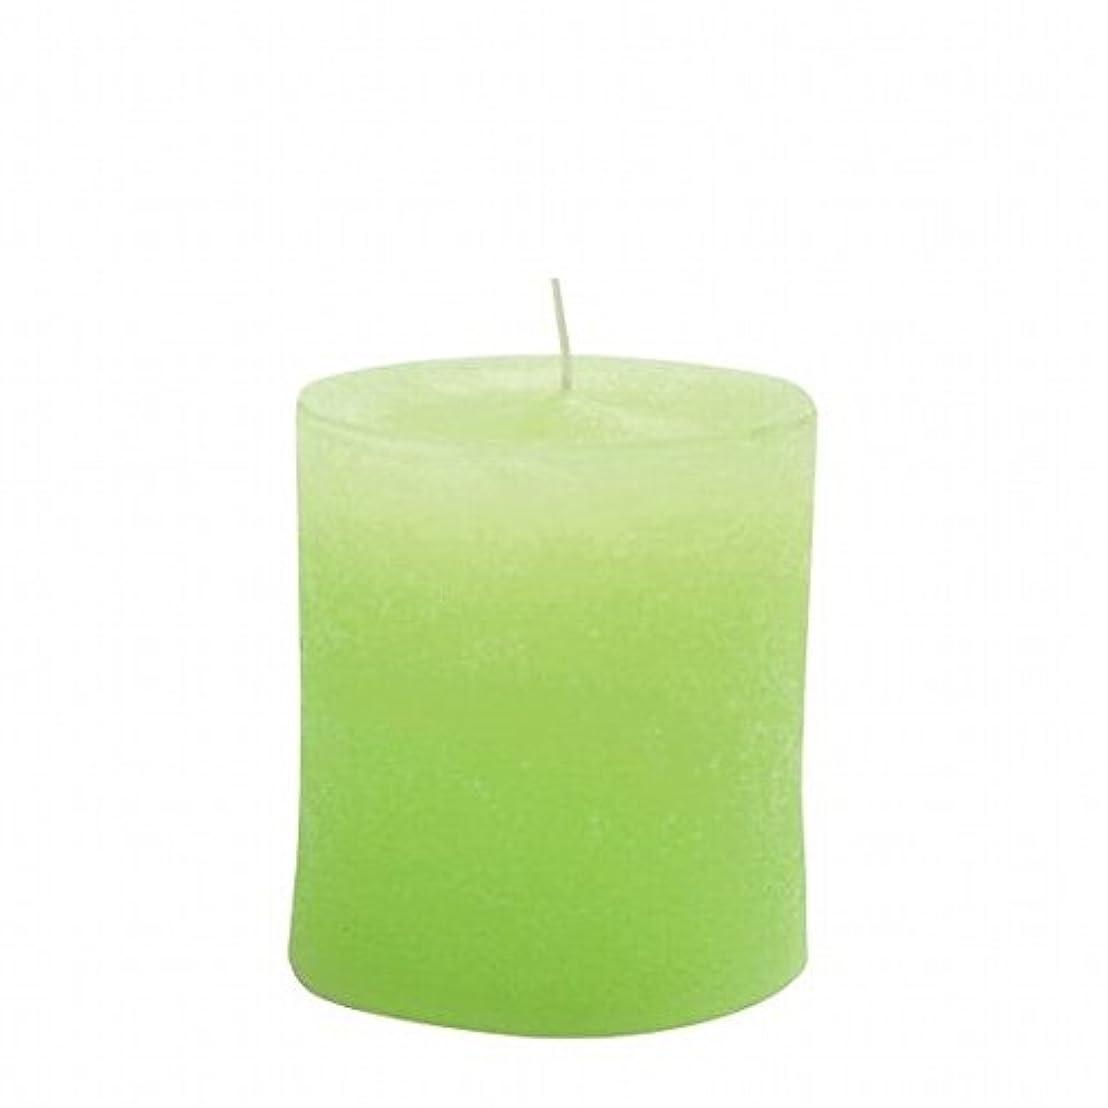 招待不要ぼろkameyama candle(カメヤマキャンドル) ラスティクピラー70×75 「 ライトグリーン 」(A4930010LG)